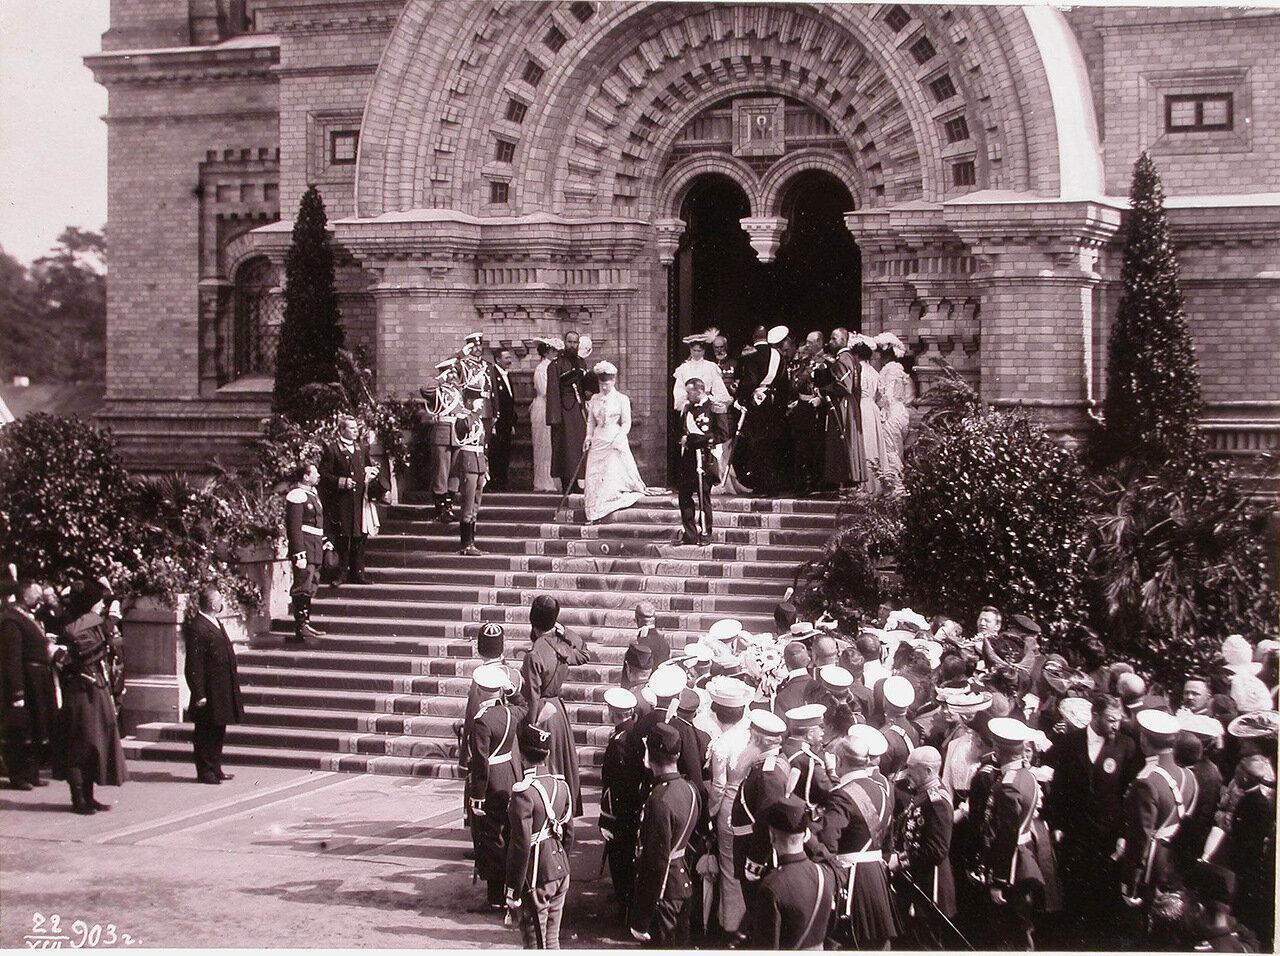 Император Николай II, вдовствующая императрица Мария Федоровна (на ступенях ), императрица Александра Федоровна, великий князь генерал-адмирал Алексей Александрович выходят из Морского собора по окончании литургии